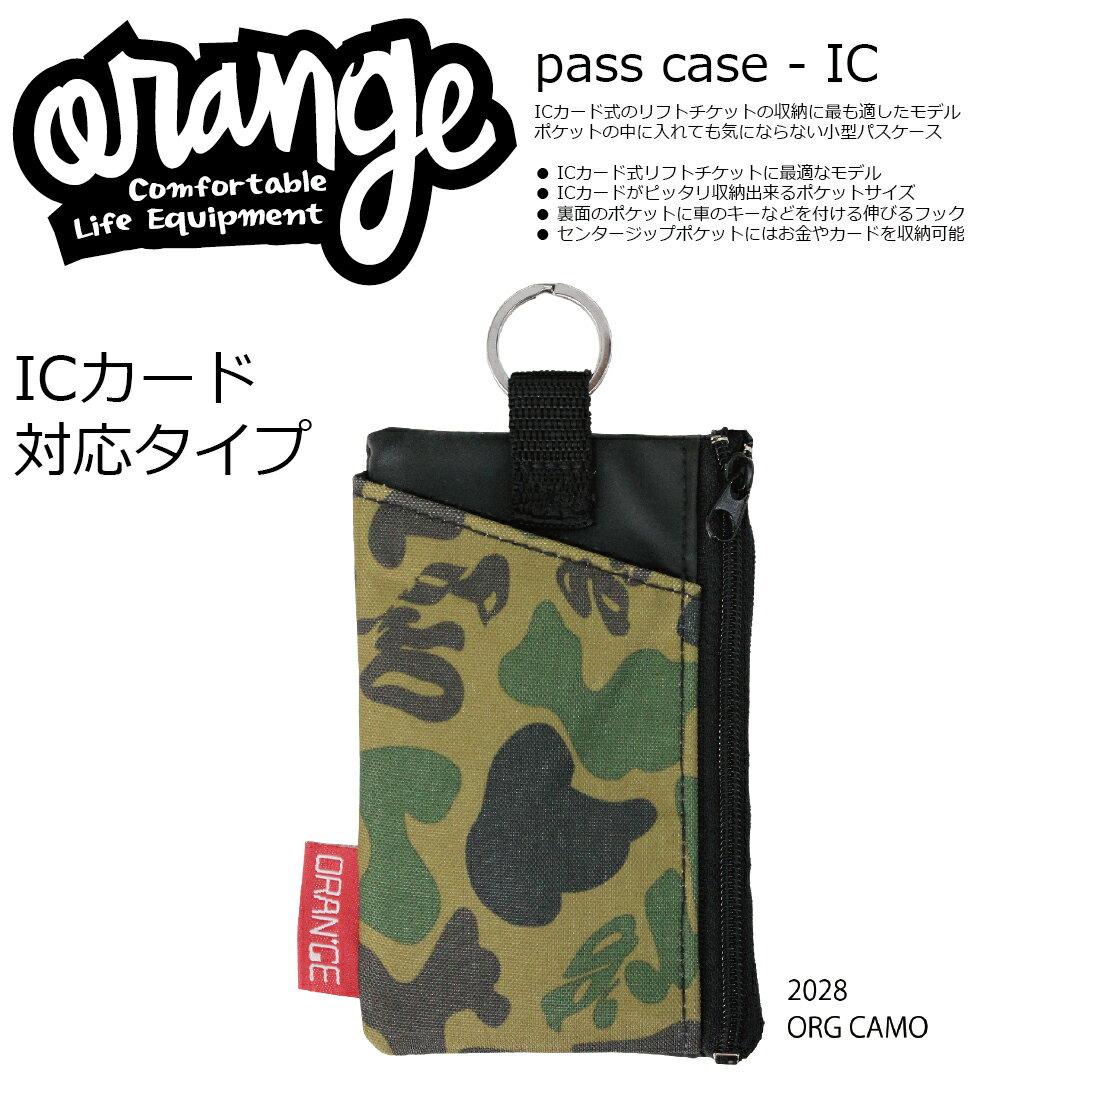 Oran'ge Pass-Case IC リング付 2028 ORG CAMO オレンジ パスケース 縦タイプ アイシー 収納ポケット付 2017 2017-18